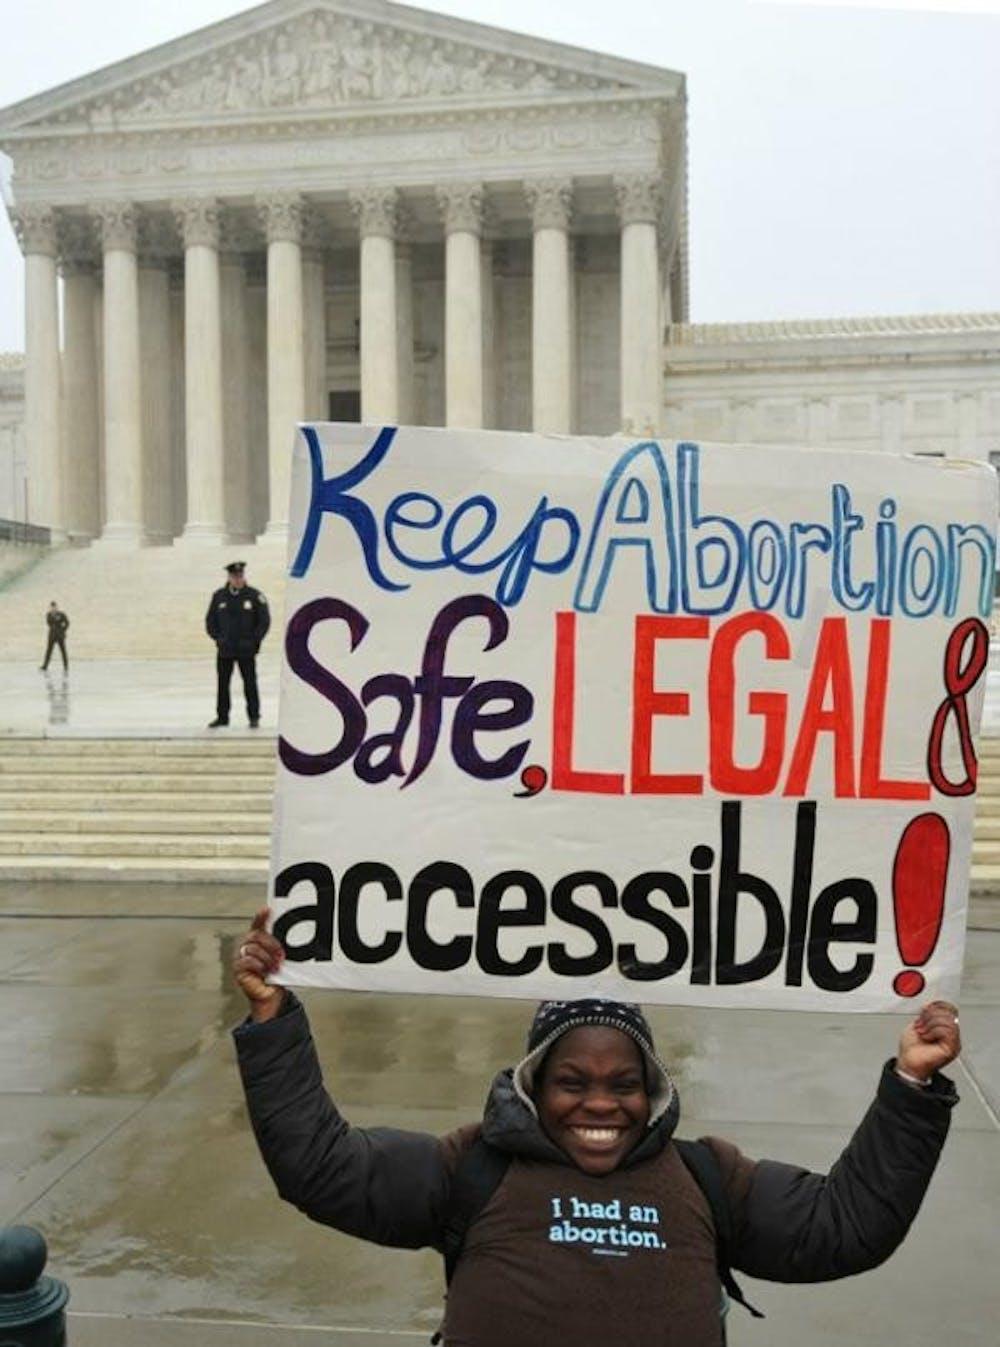 Opinion: Abortion rights still under threat despite SCOTUS ruling